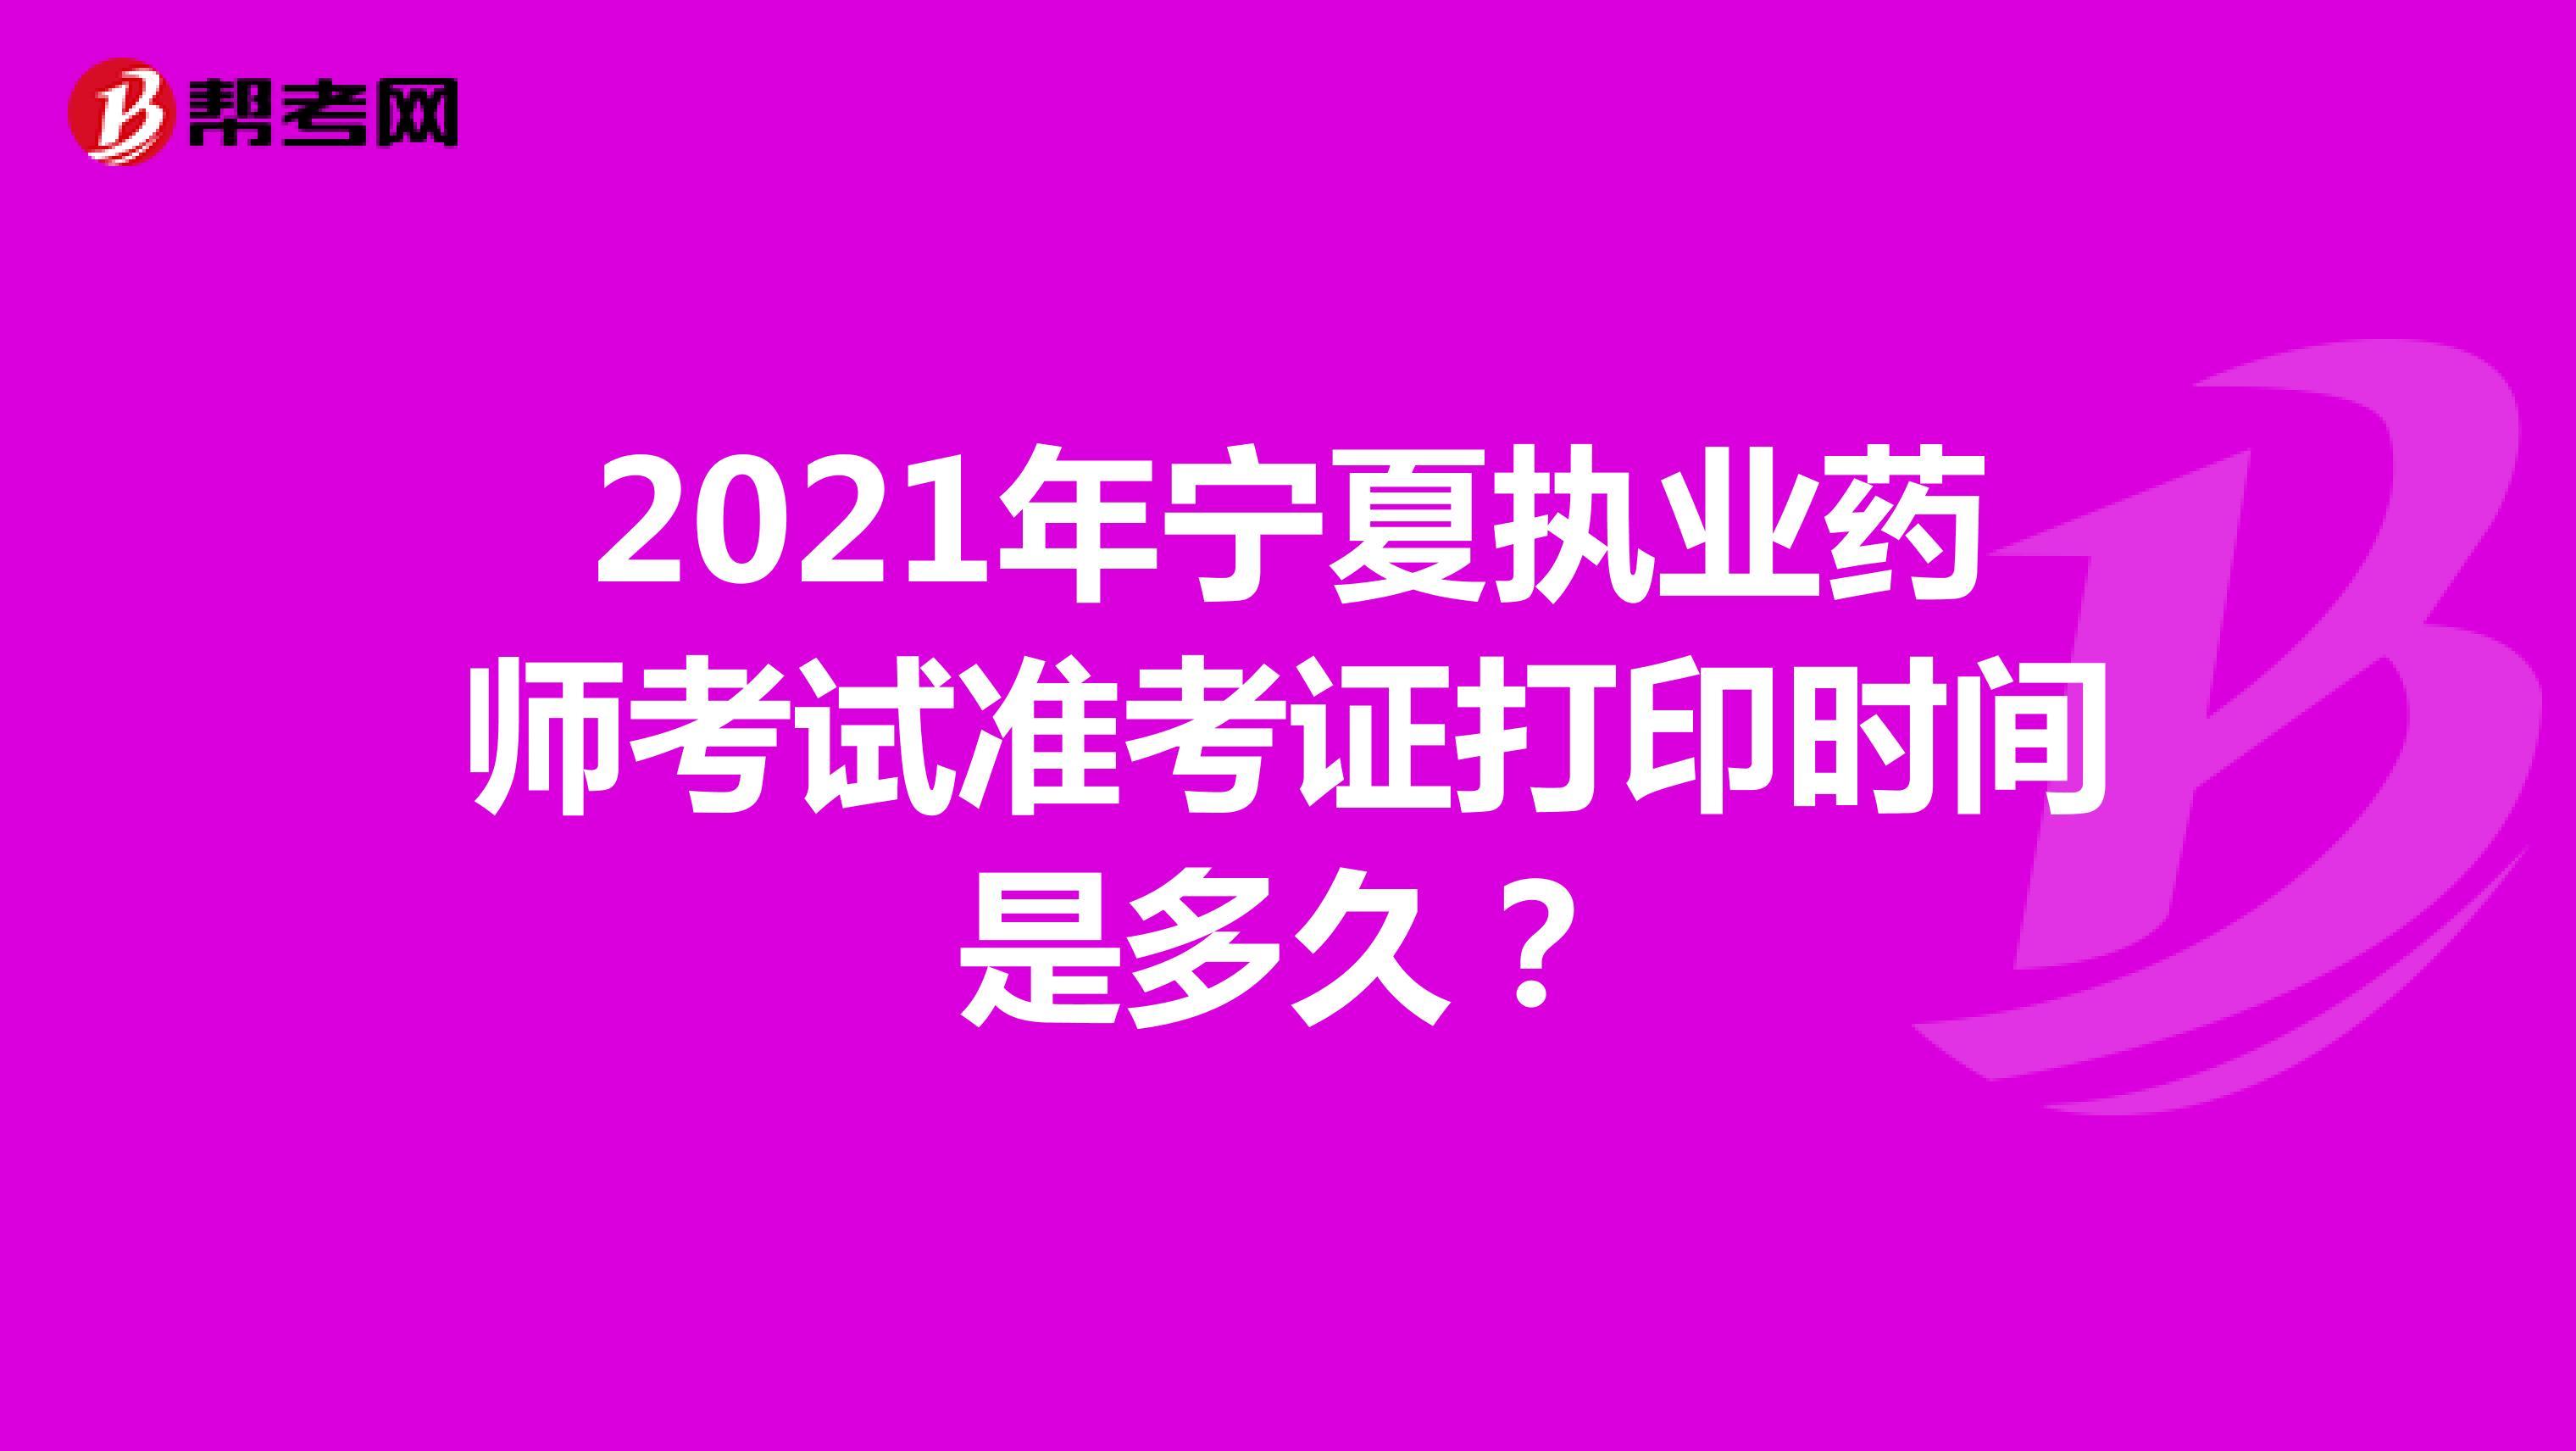 2021年宁夏执业药师考试准考证打印时间是多久?